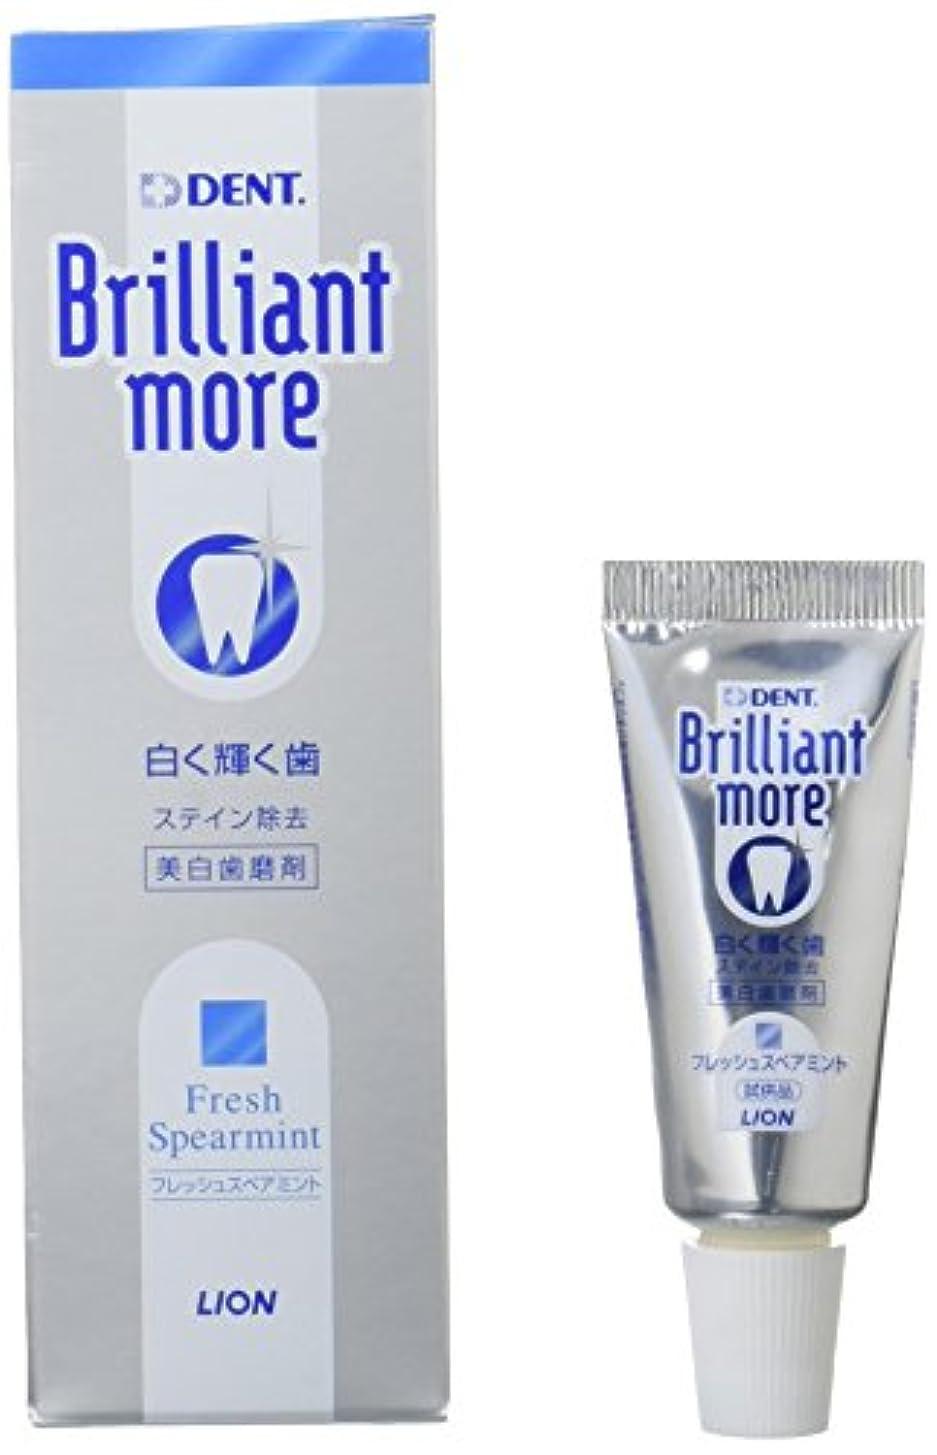 進化する操作年ライオン ブリリアントモア フレッシュスペアミント 歯科用 美白歯磨剤 90g×2本 (試供品 20g×1本付き)期間限定